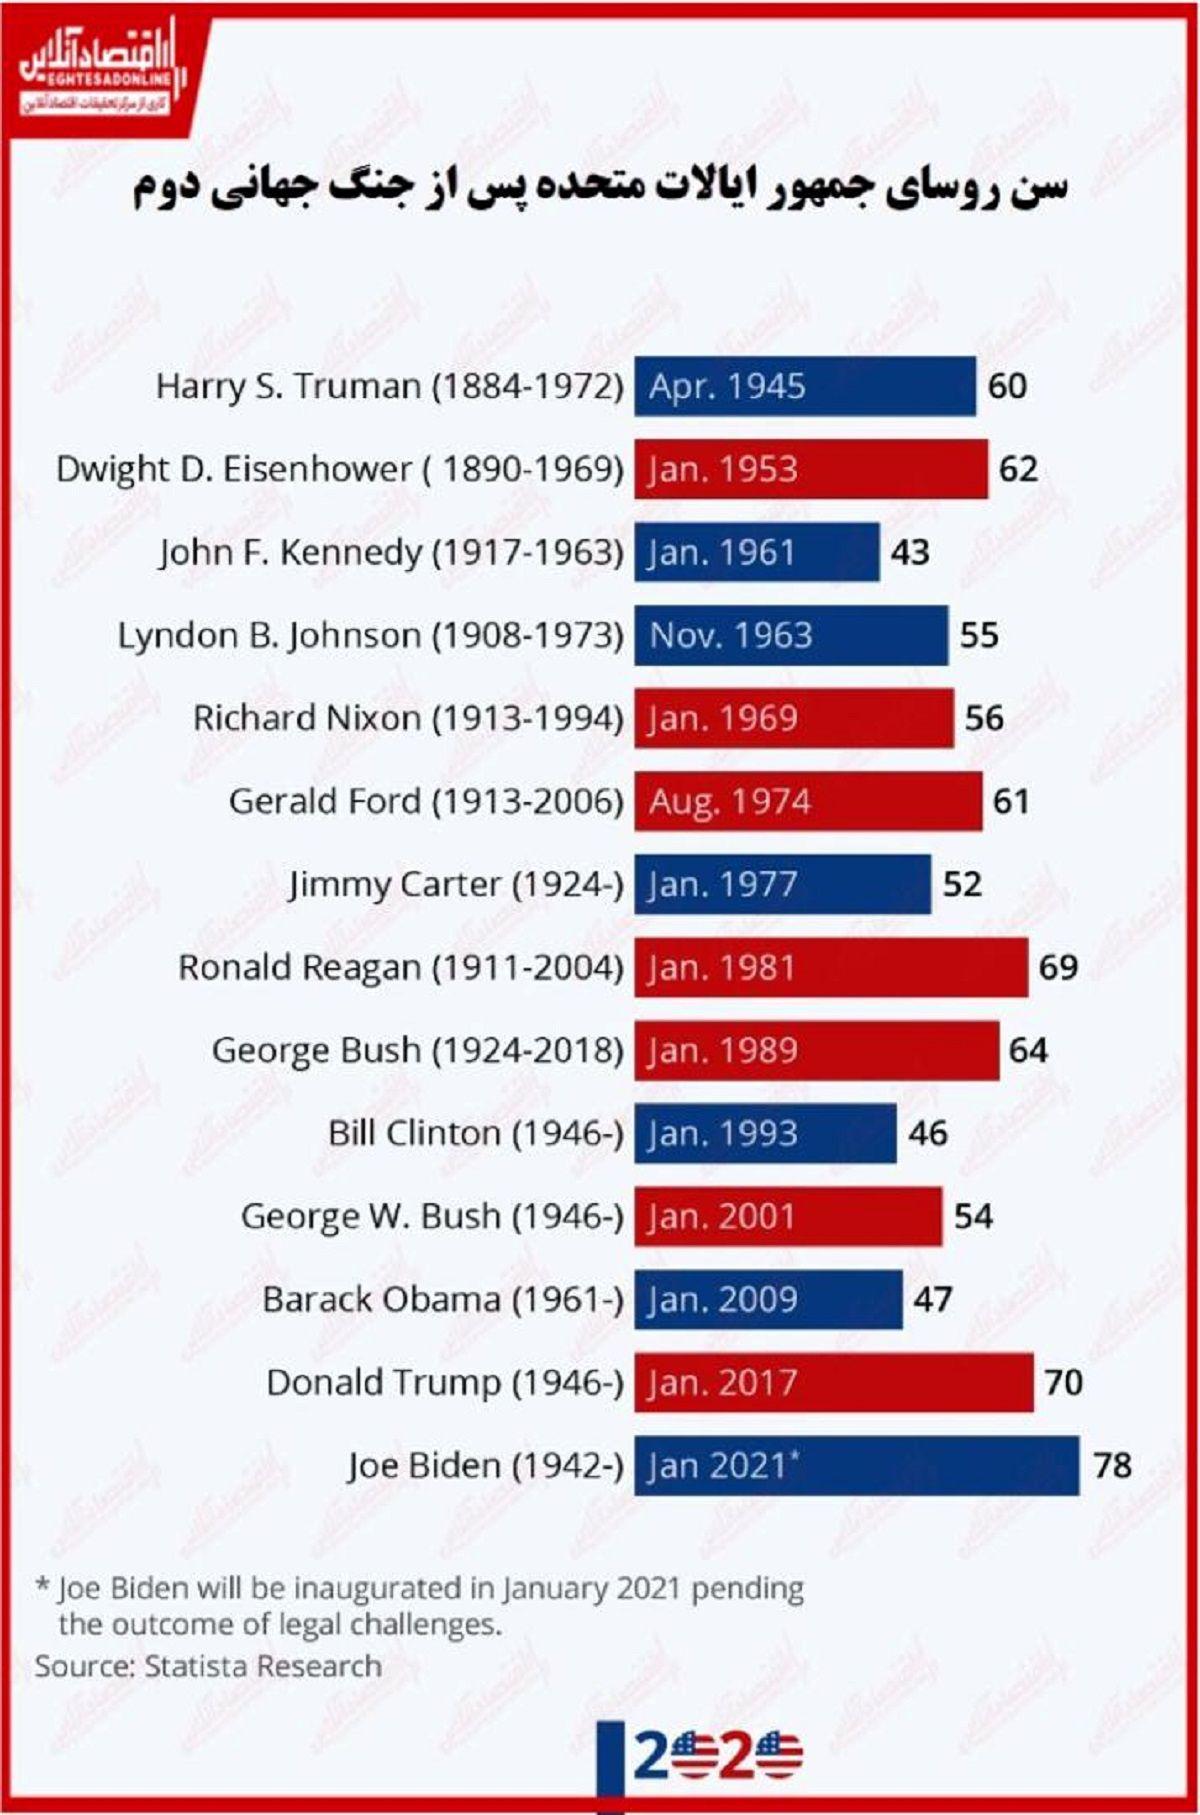 بررسی سن روسای جمهور آمریکا پس از جنگ جهانی دوم/ بایدن پیرترین رییسجمهور آمریکا شد